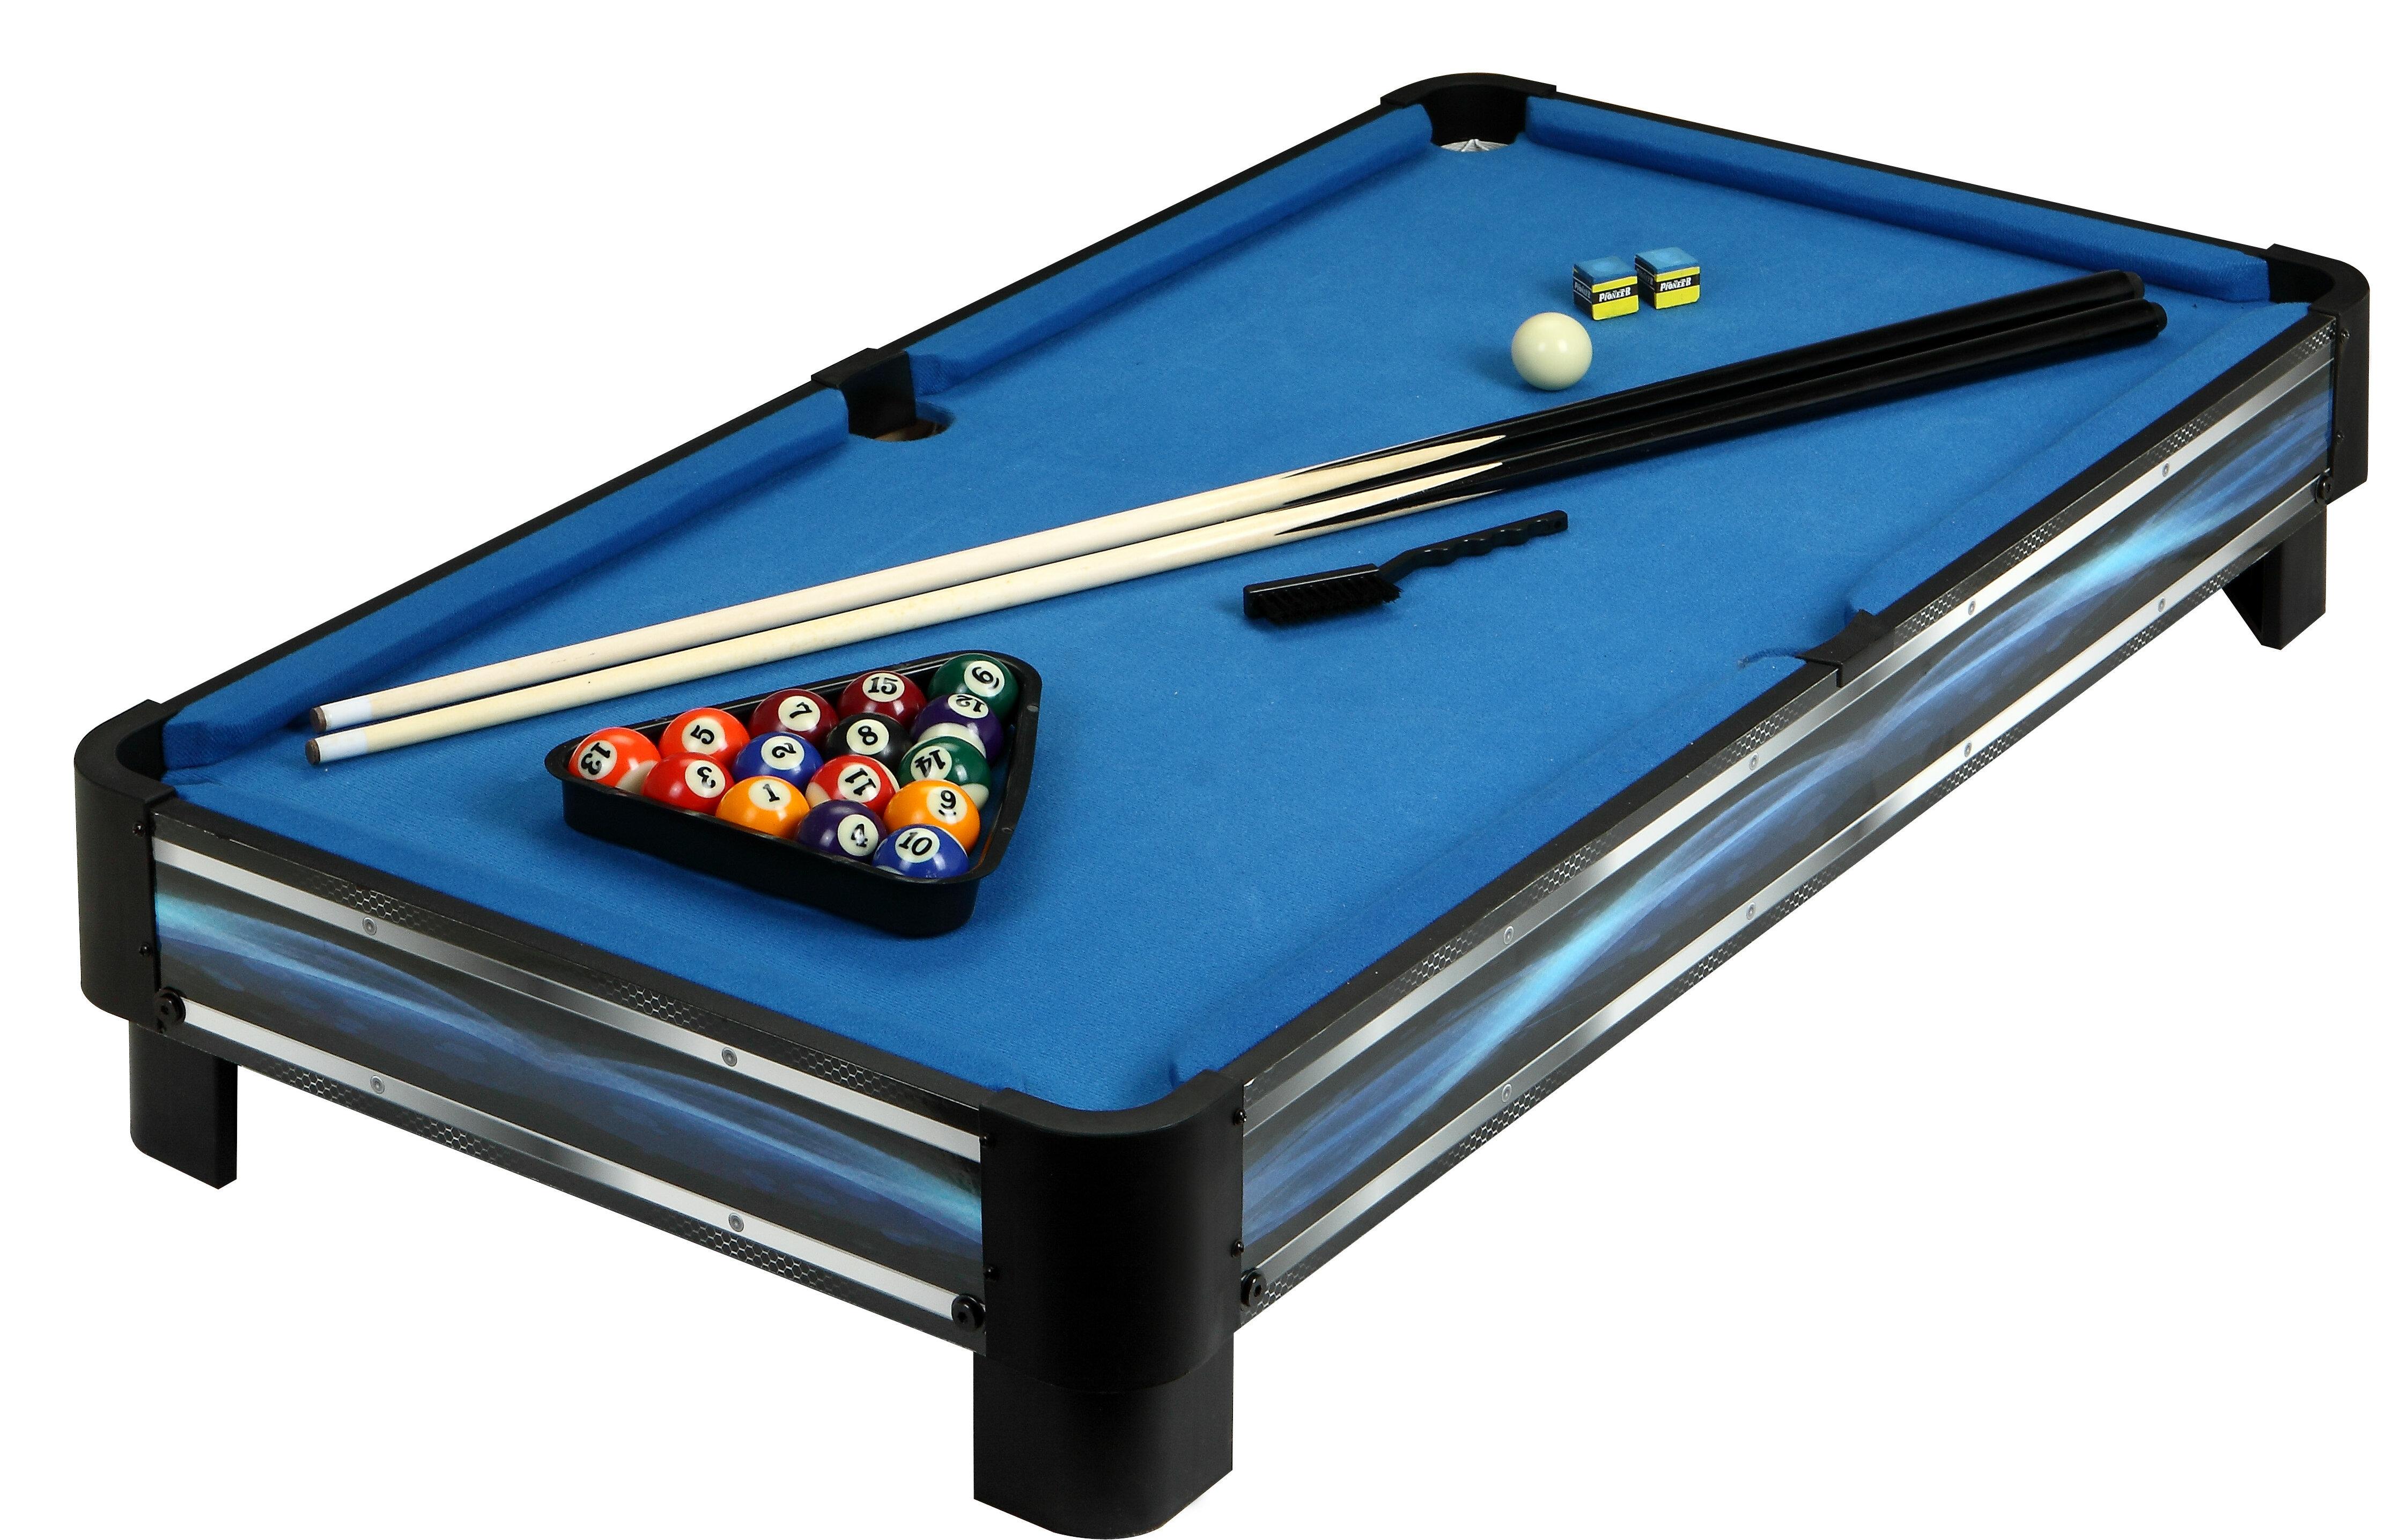 Hathaway Games Pool Table Reviews Wayfair